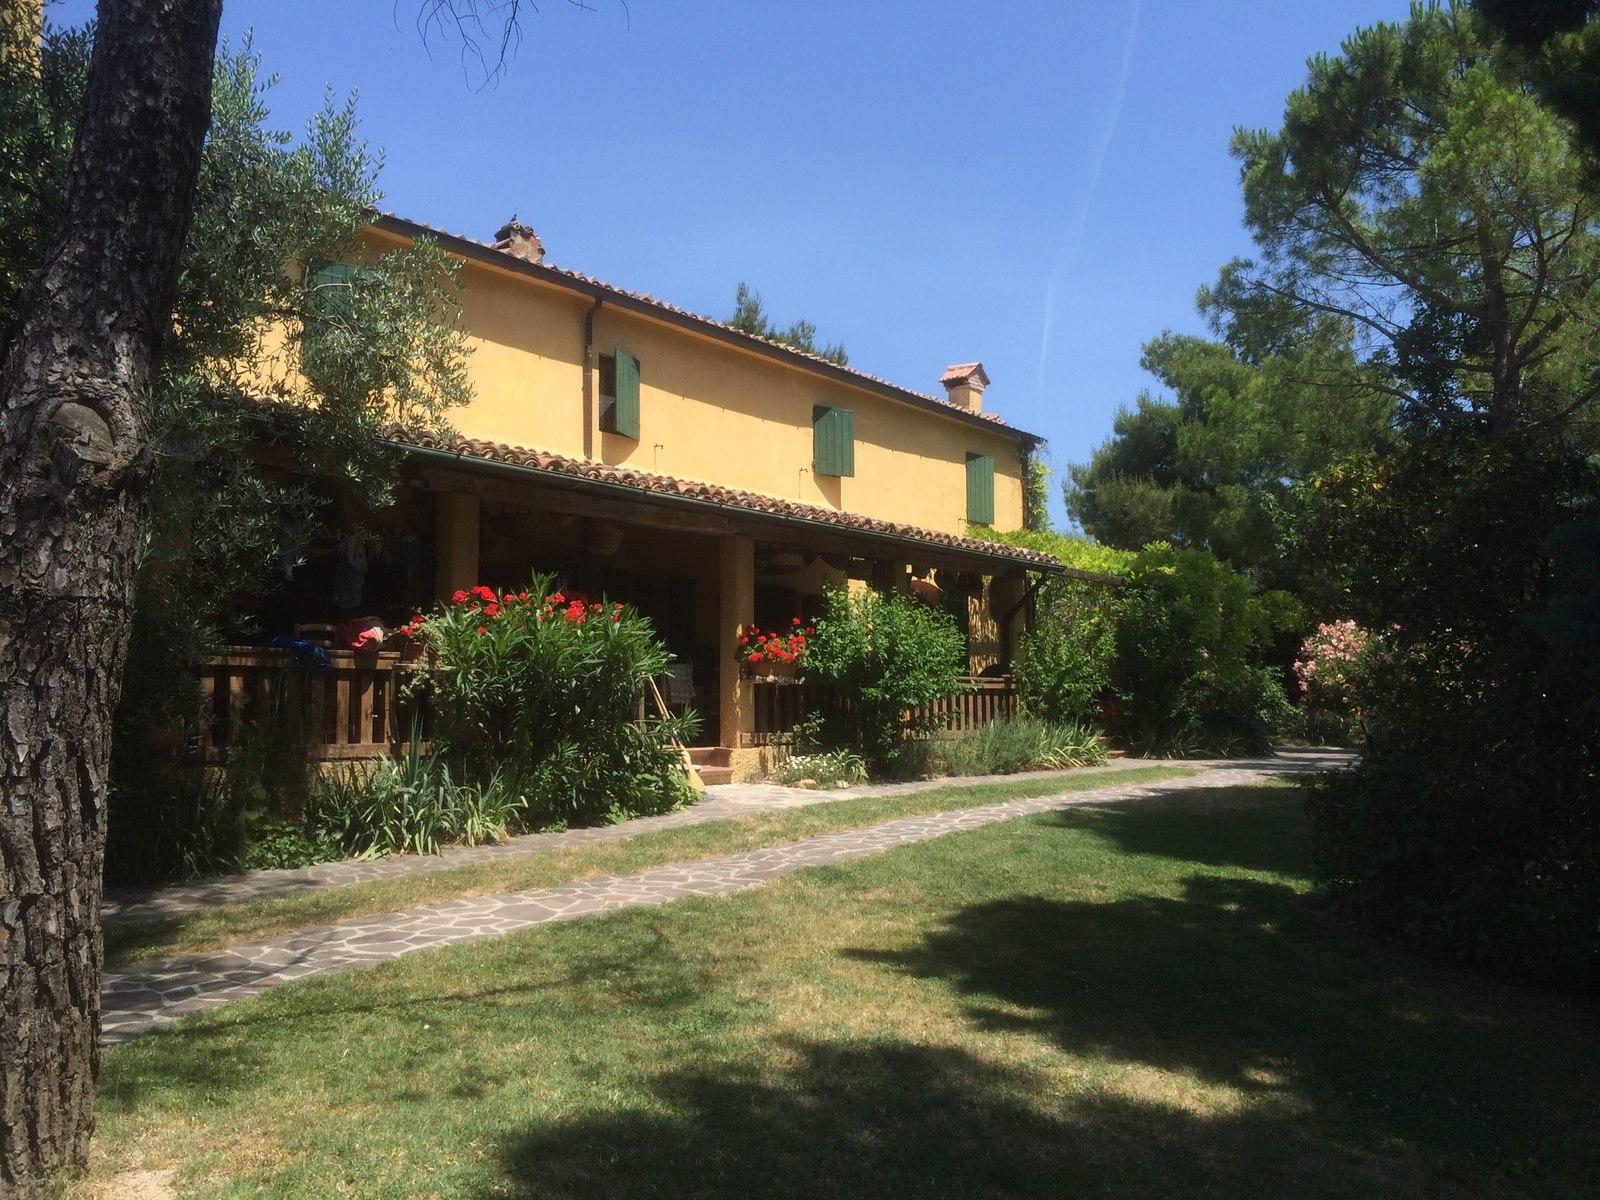 Ferienhaus Pescatore (870454), Fano (IT), Adriaküste (Marken), Marken, Italien, Bild 12